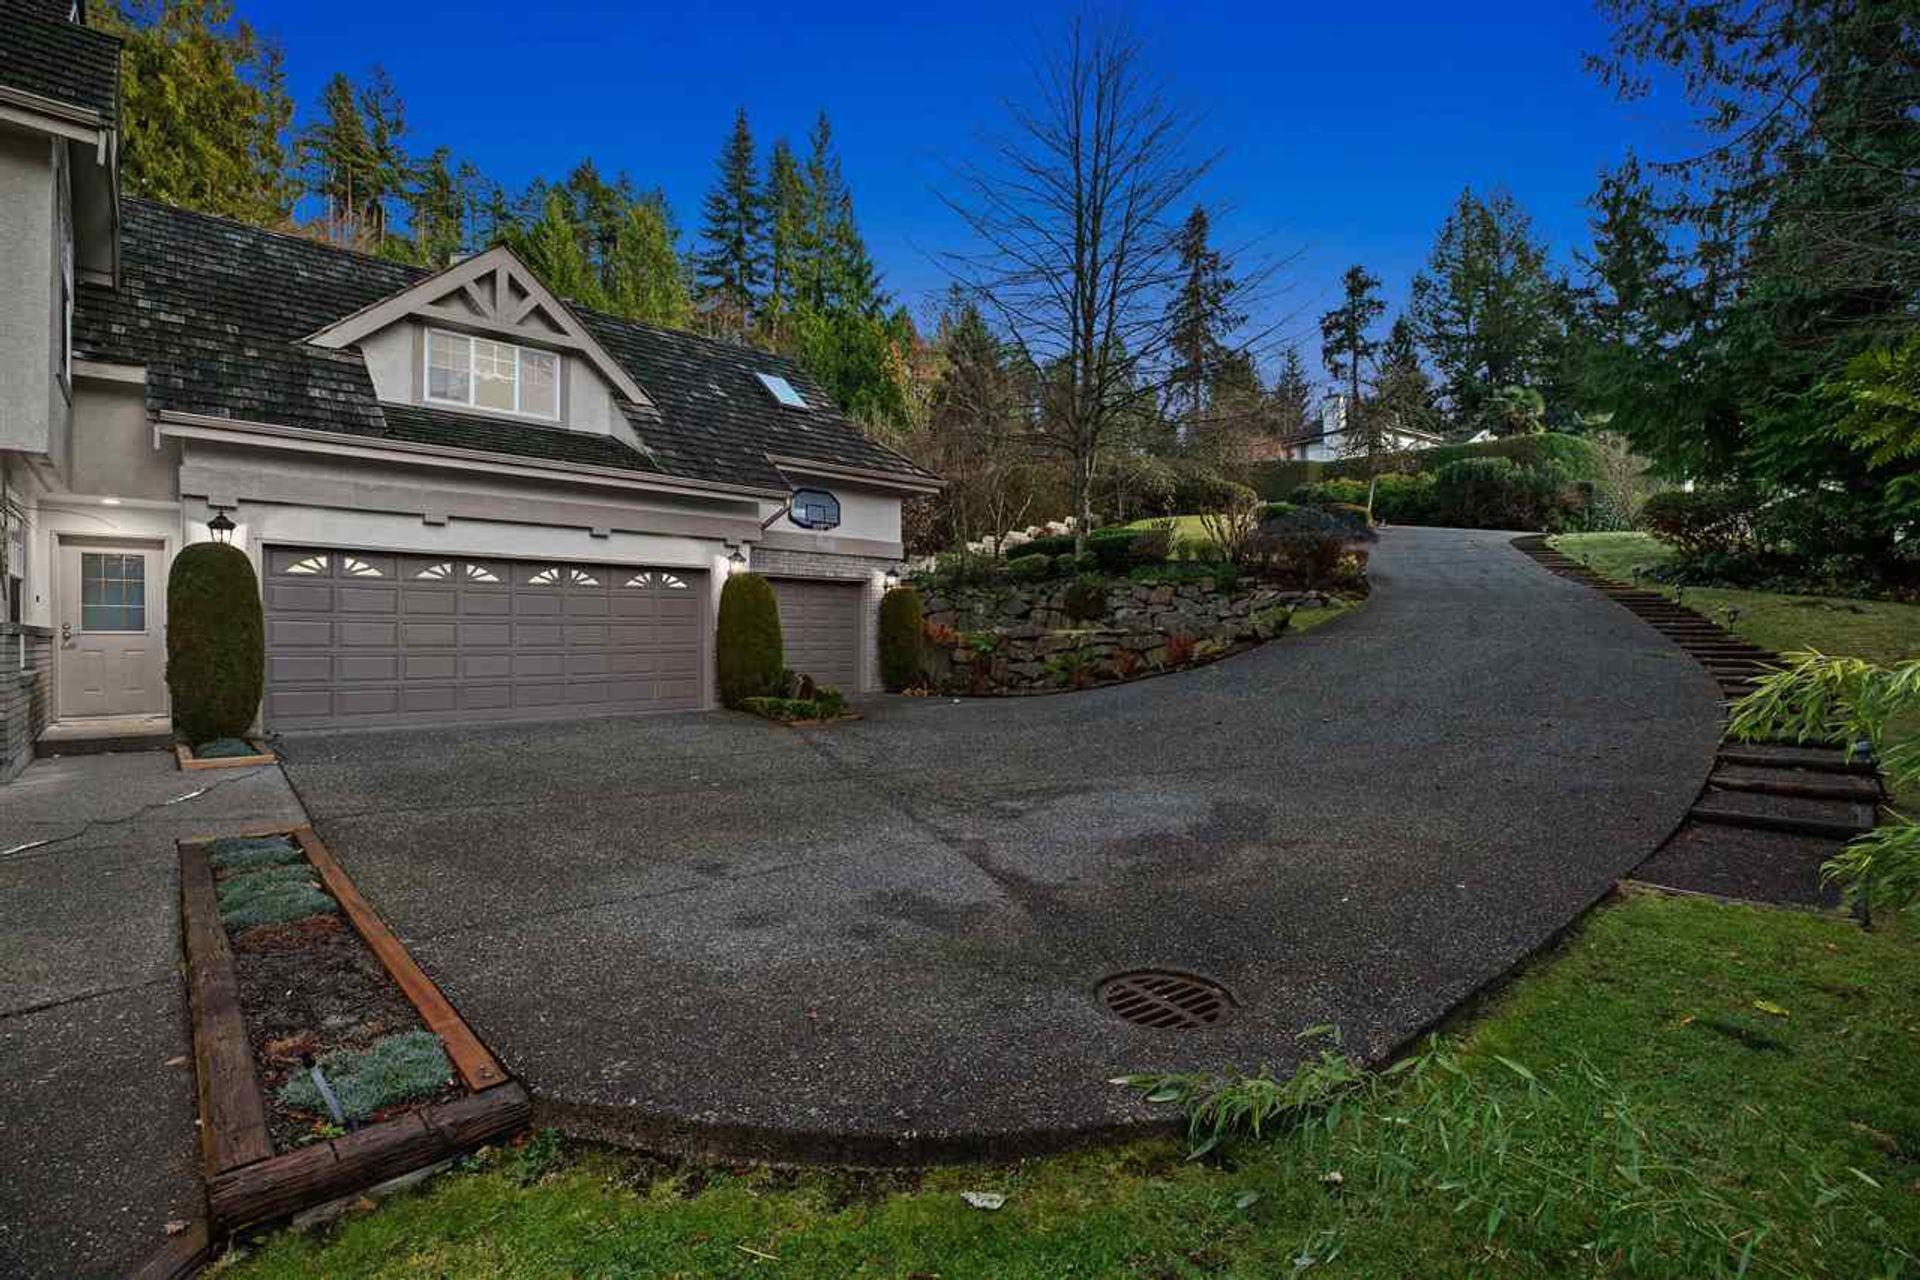 4725-the-glen-cypress-park-estates-west-vancouver-30 at 4725 The Glen, Cypress Park Estates, West Vancouver